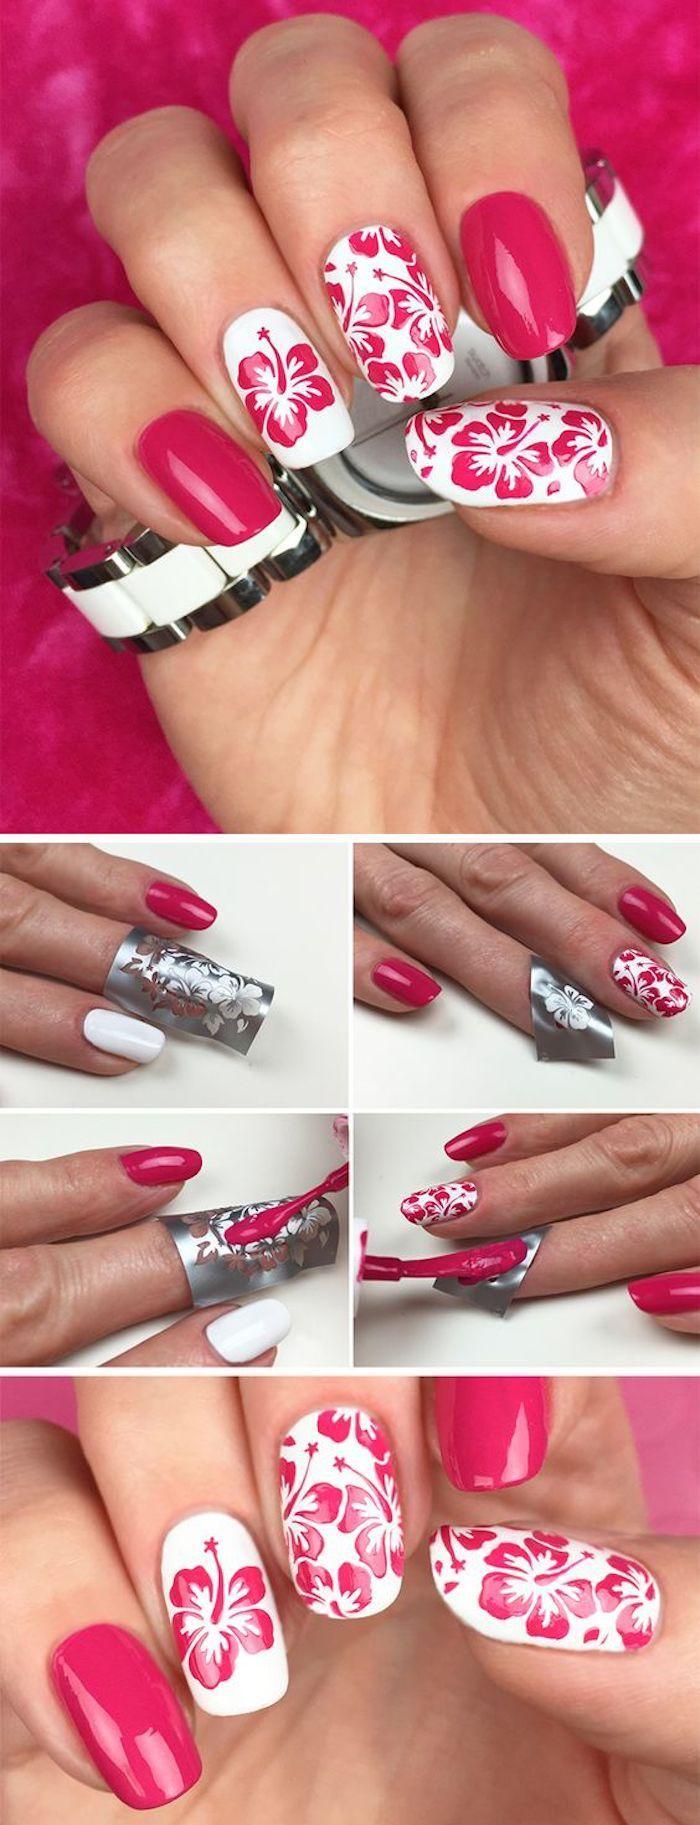 Nagelmuster, Nageldesign in Pink und Weiß mit Blumen – Beauty – Make Up